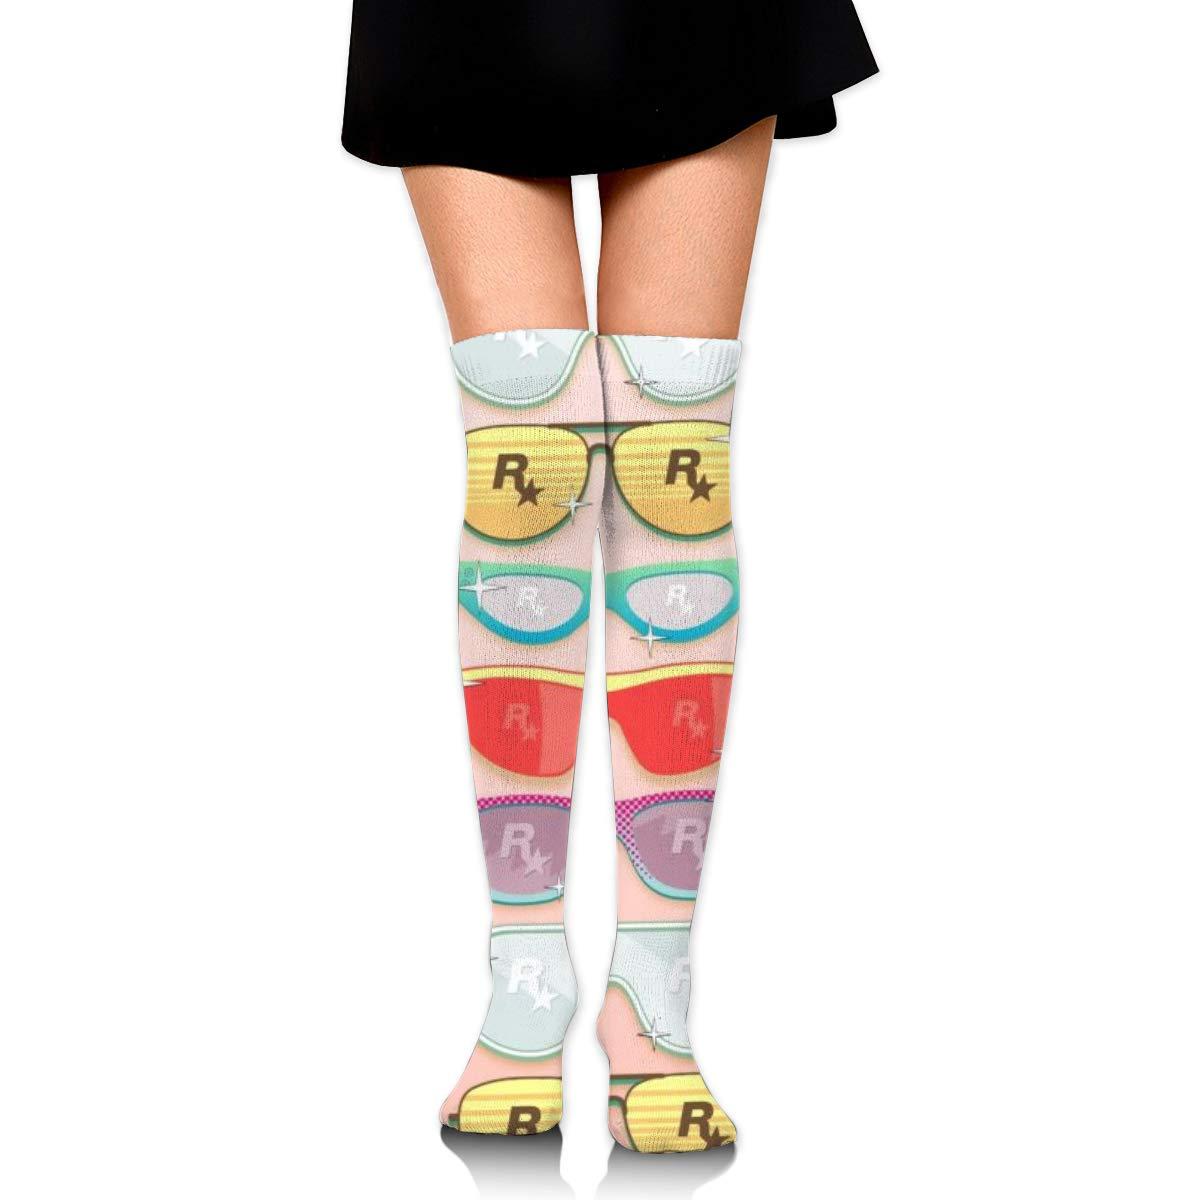 Kjaoi Girl Skirt Socks Uniform Cartoon Glasses Women Tube Socks Compression Socks